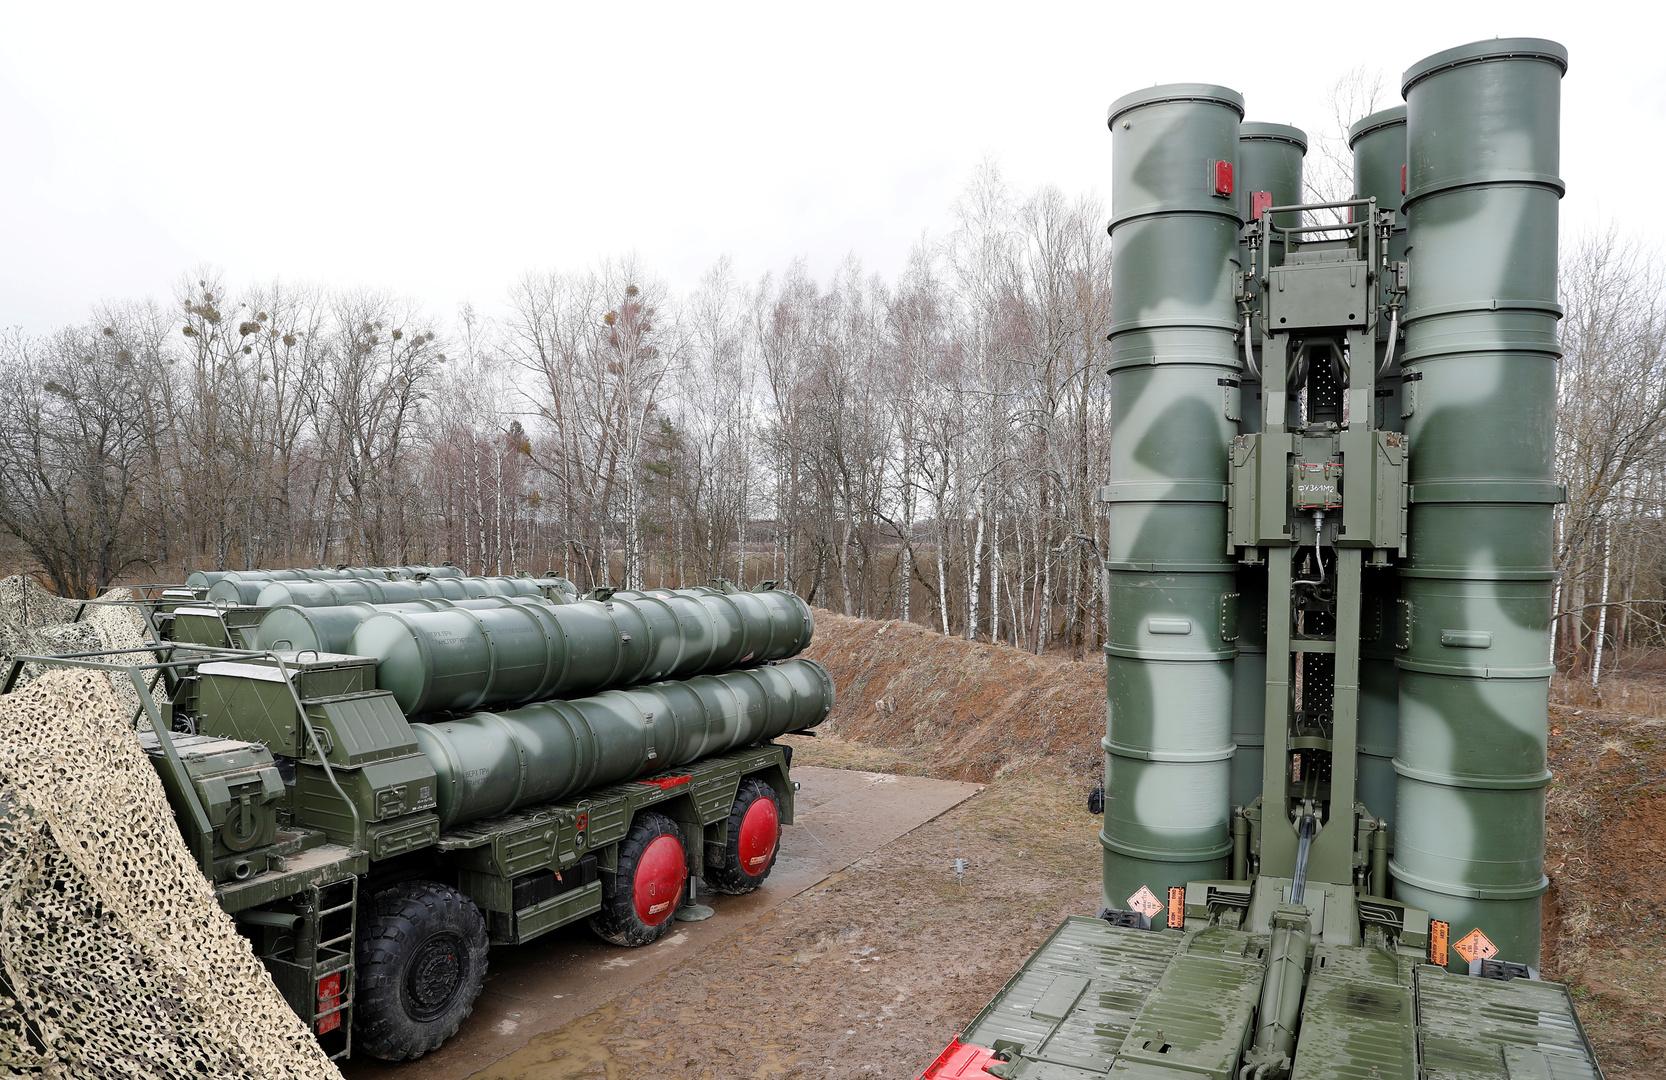 منظومة إس 400 الروسية للدفاع الجوي